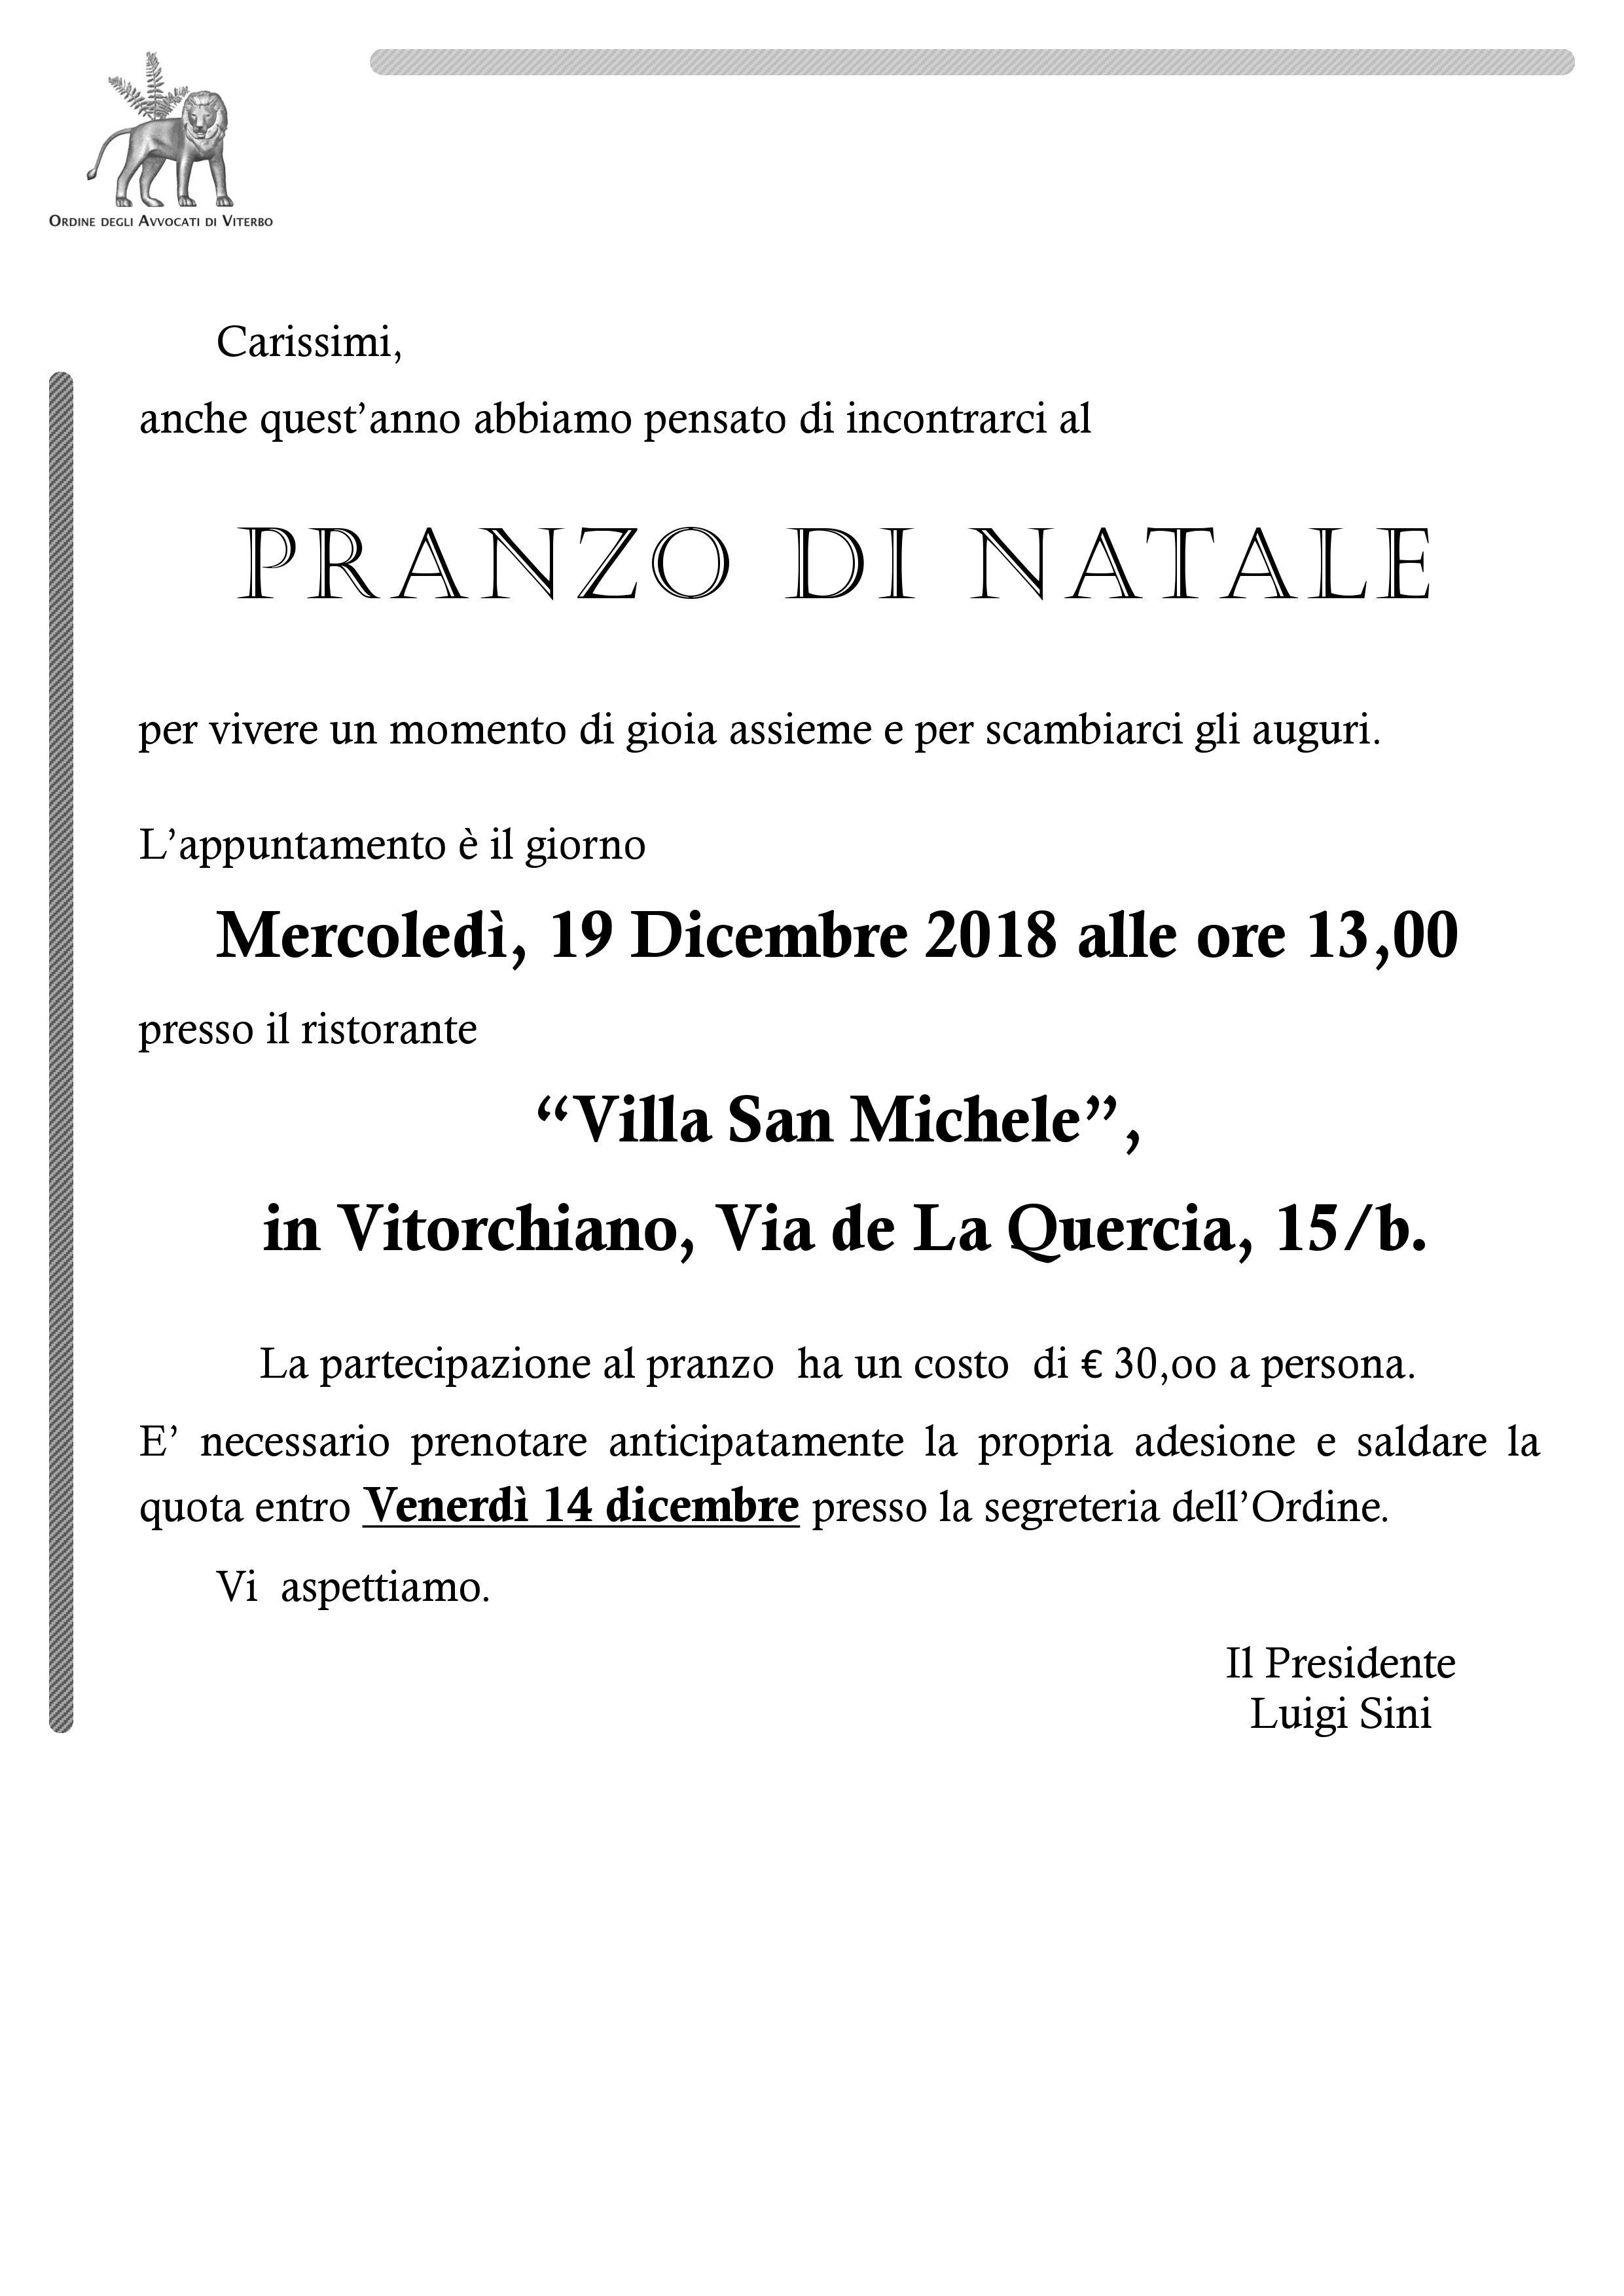 Ordine degli Avvocati di Viterbo - Notizie Modulistica Eventi ...